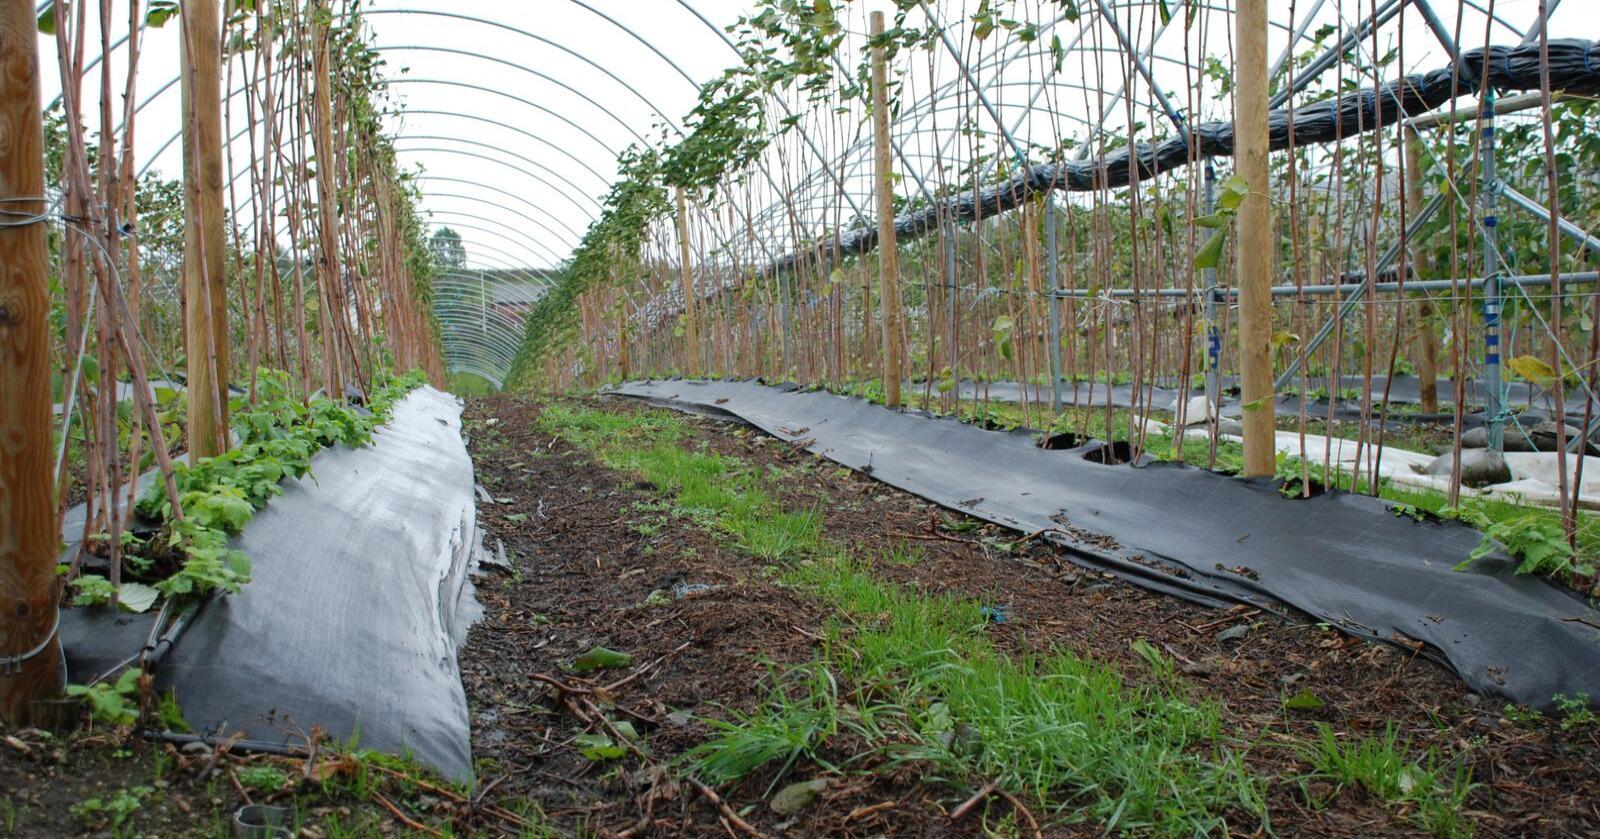 Må finne hverandre: Vi oppfordrer nå både de som mangler arbeidskraft og de som kan ta seg en jobb i landbruket om å bruke de kanaler som finnes, skriver Landbruks- og matdepartementet. (Arkivfoto: Karl Erik Berge)